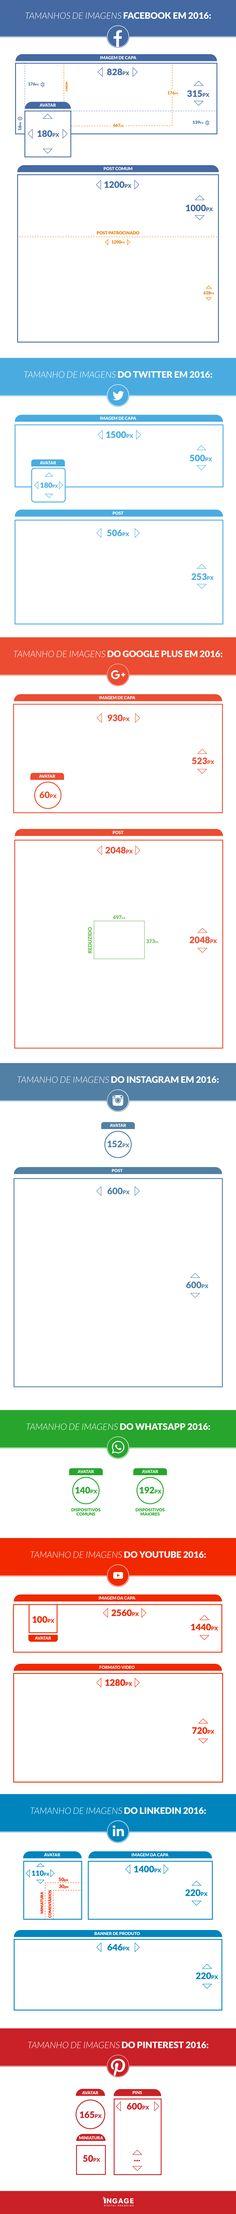 Infográfico 2016 Tamanhos de Todas as Redes Sociais #Ingage